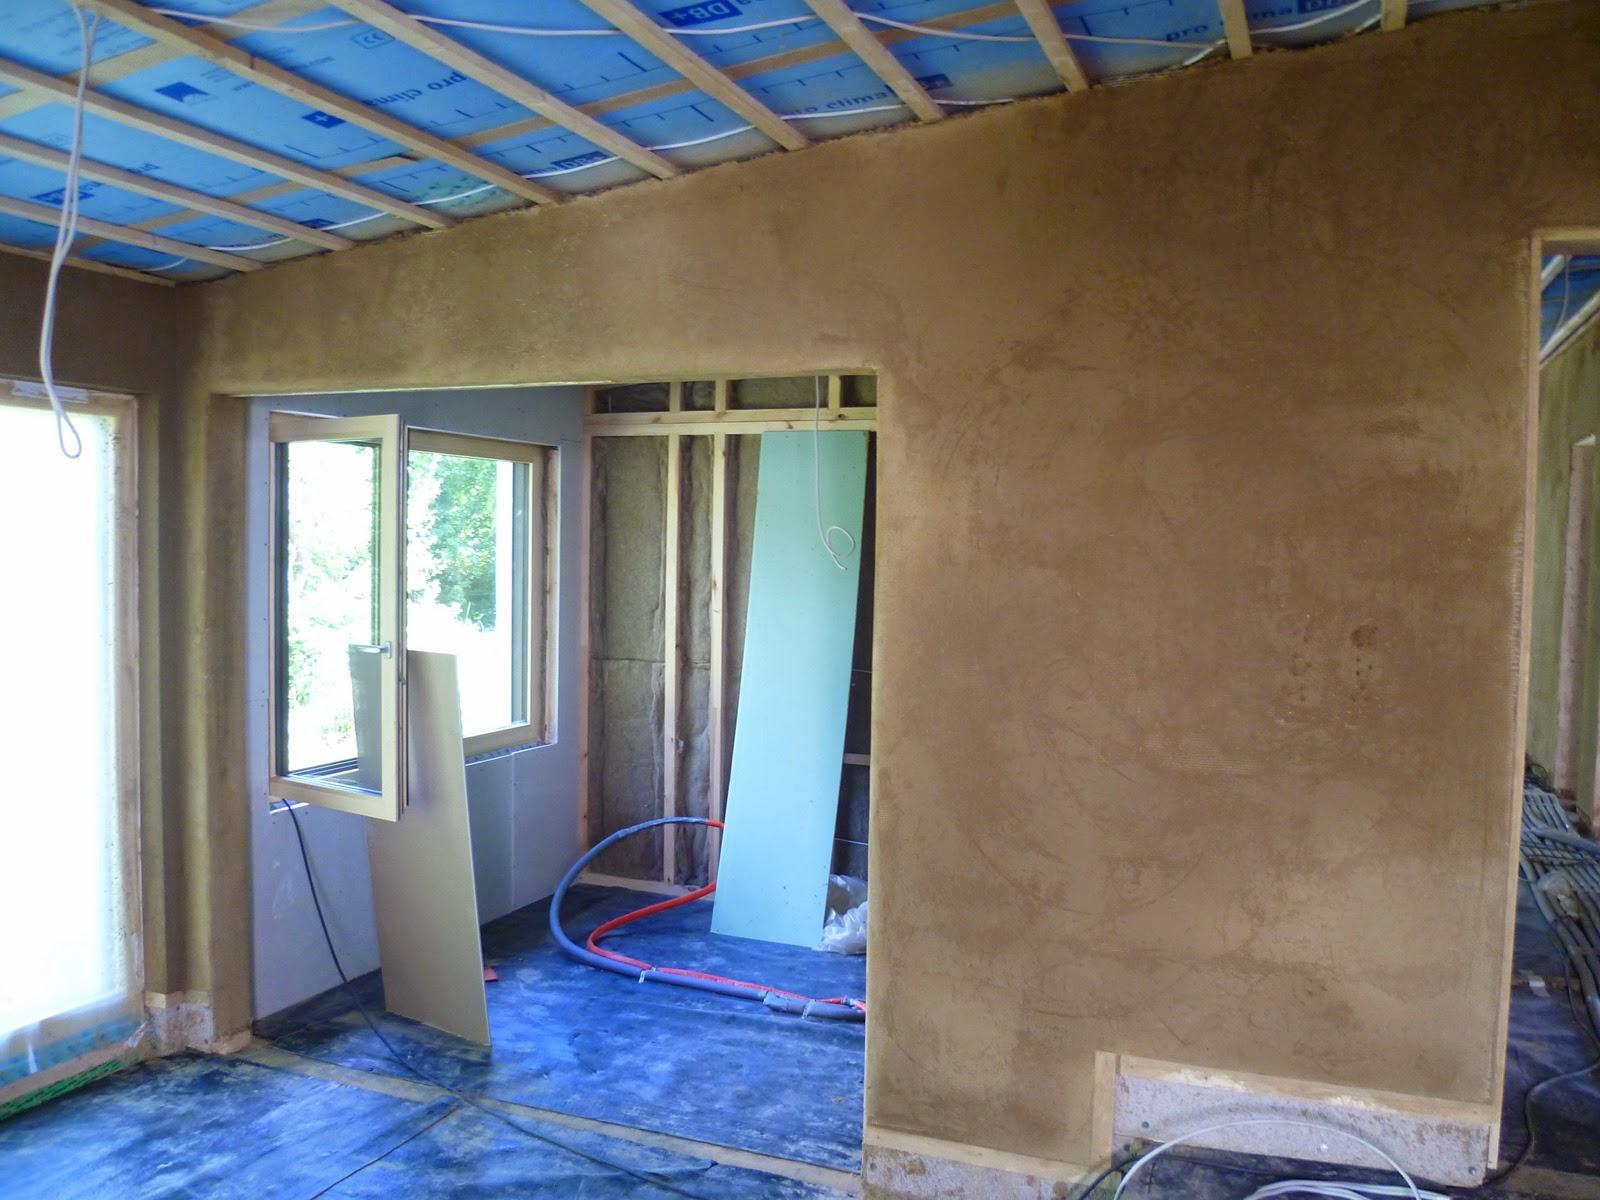 zama baut ze koppnbo oder was wirdn des lehm unterputz teil 2. Black Bedroom Furniture Sets. Home Design Ideas